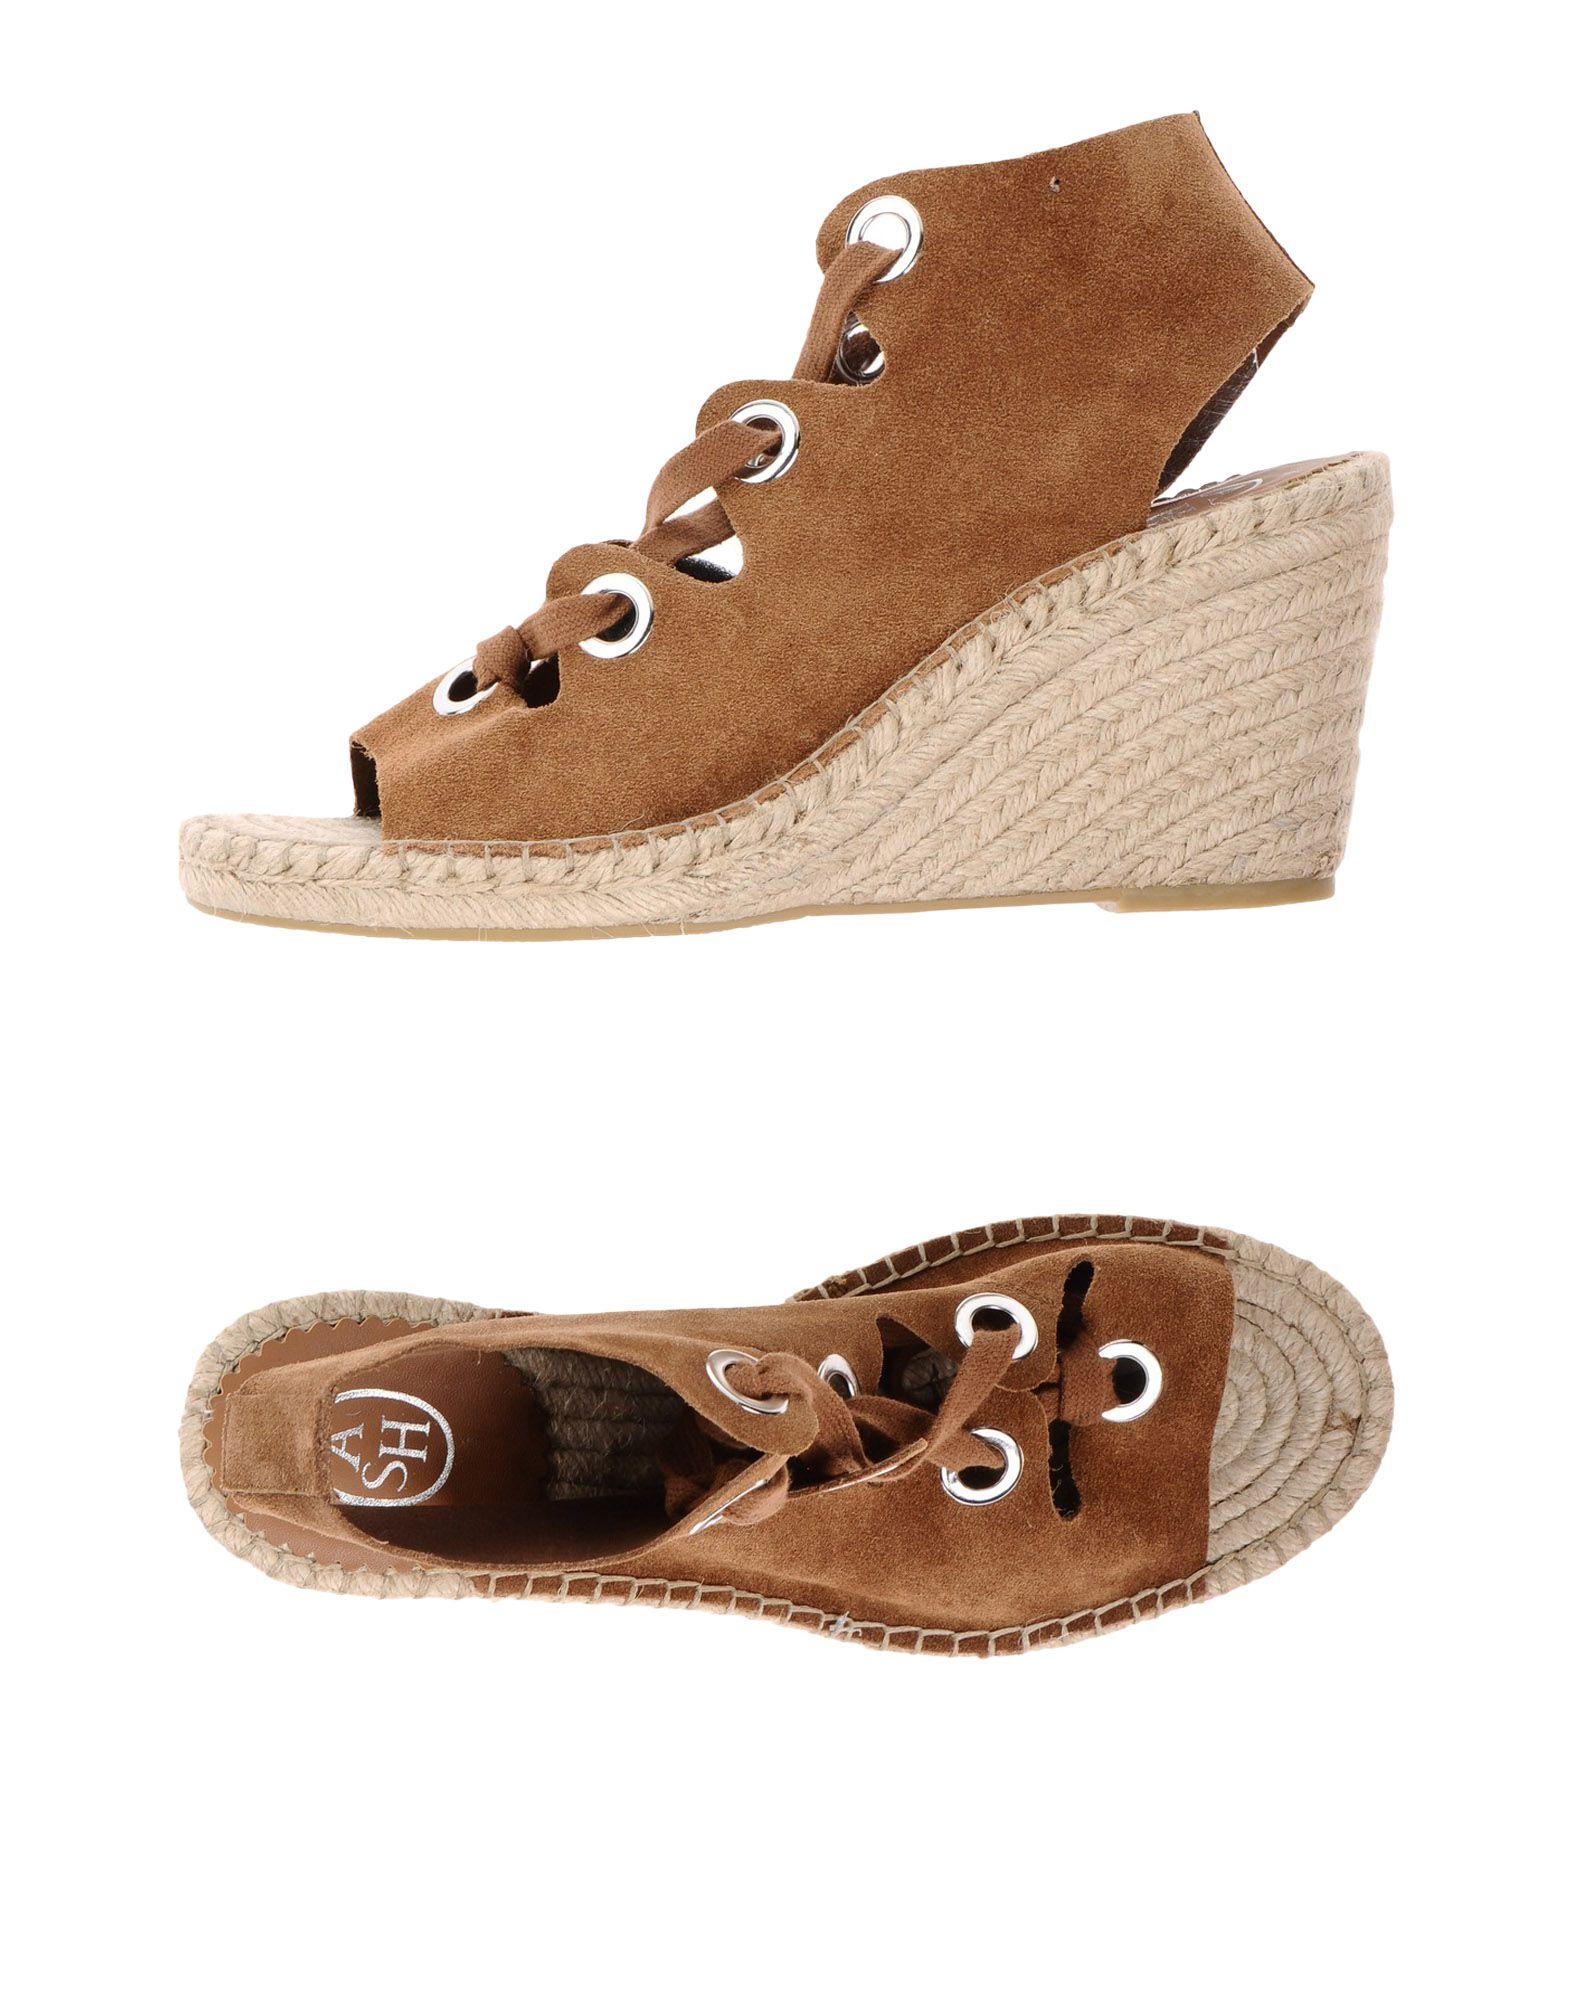 Ash Espadrilles Gute Damen  11342346KL Gute Espadrilles Qualität beliebte Schuhe da85d2